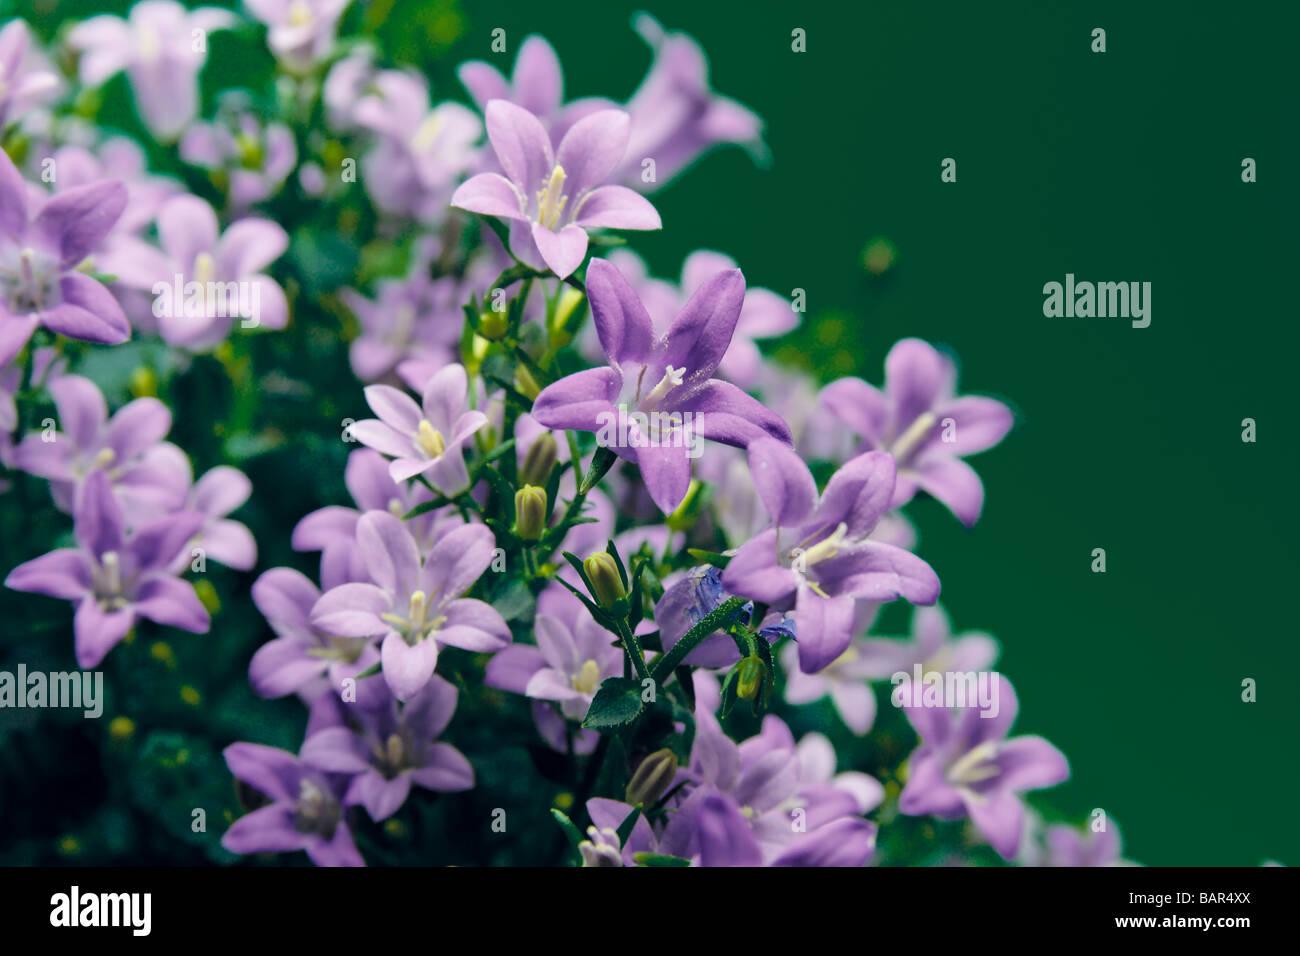 wunderfull blue flower close up - Stock Image